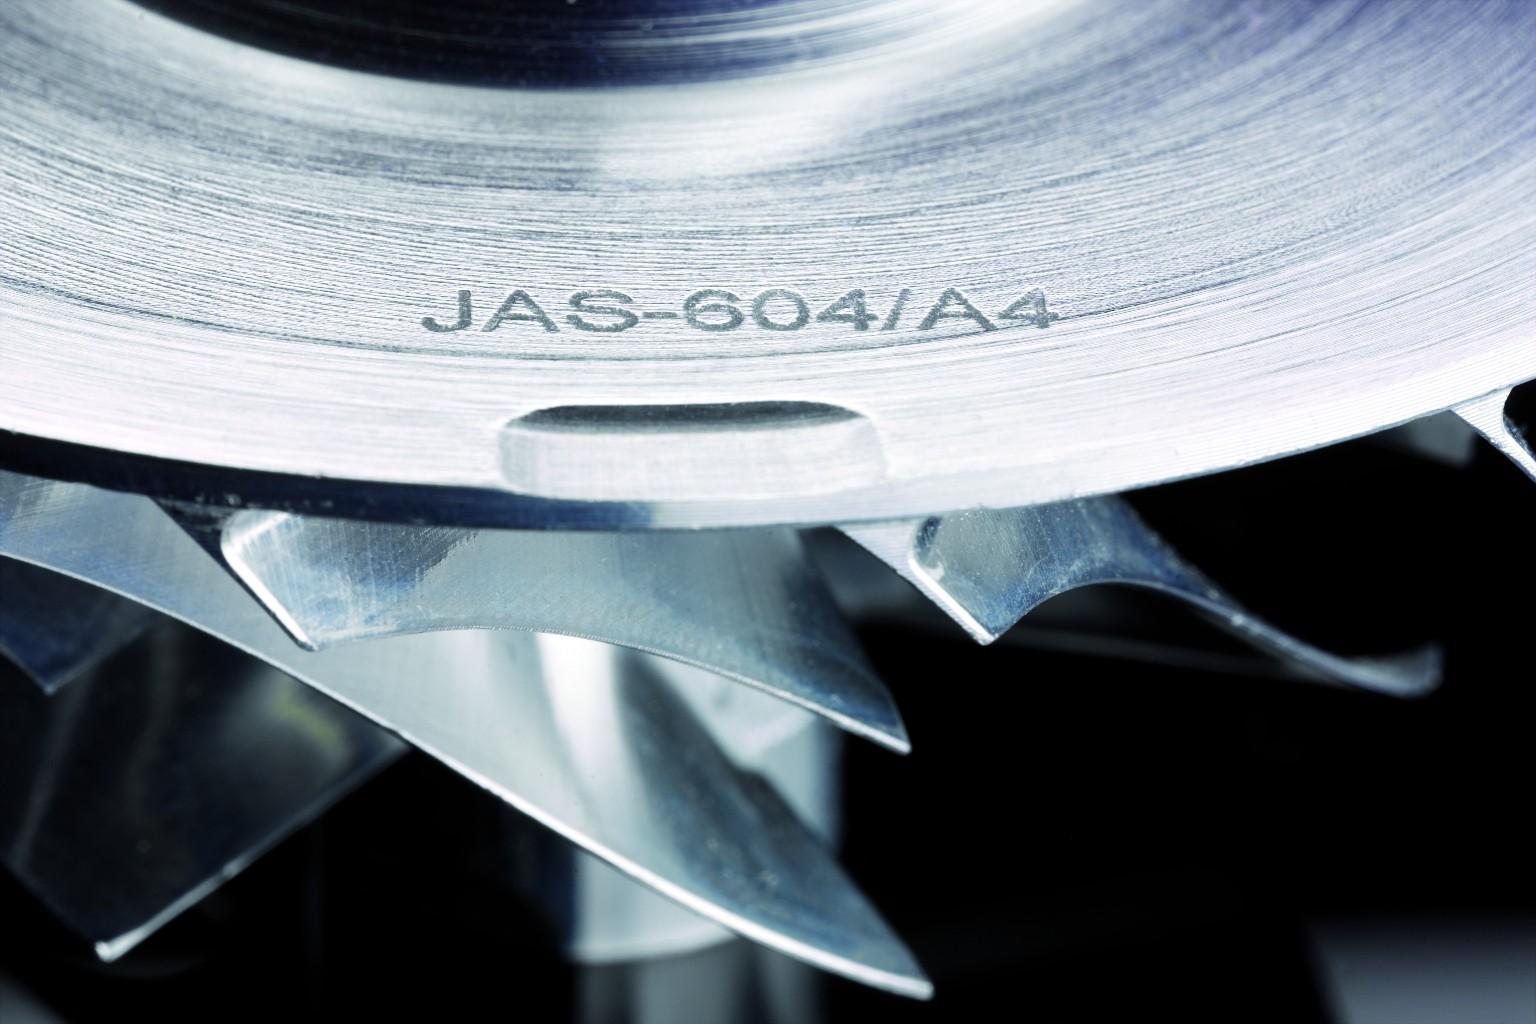 Marquage industriel sur métal